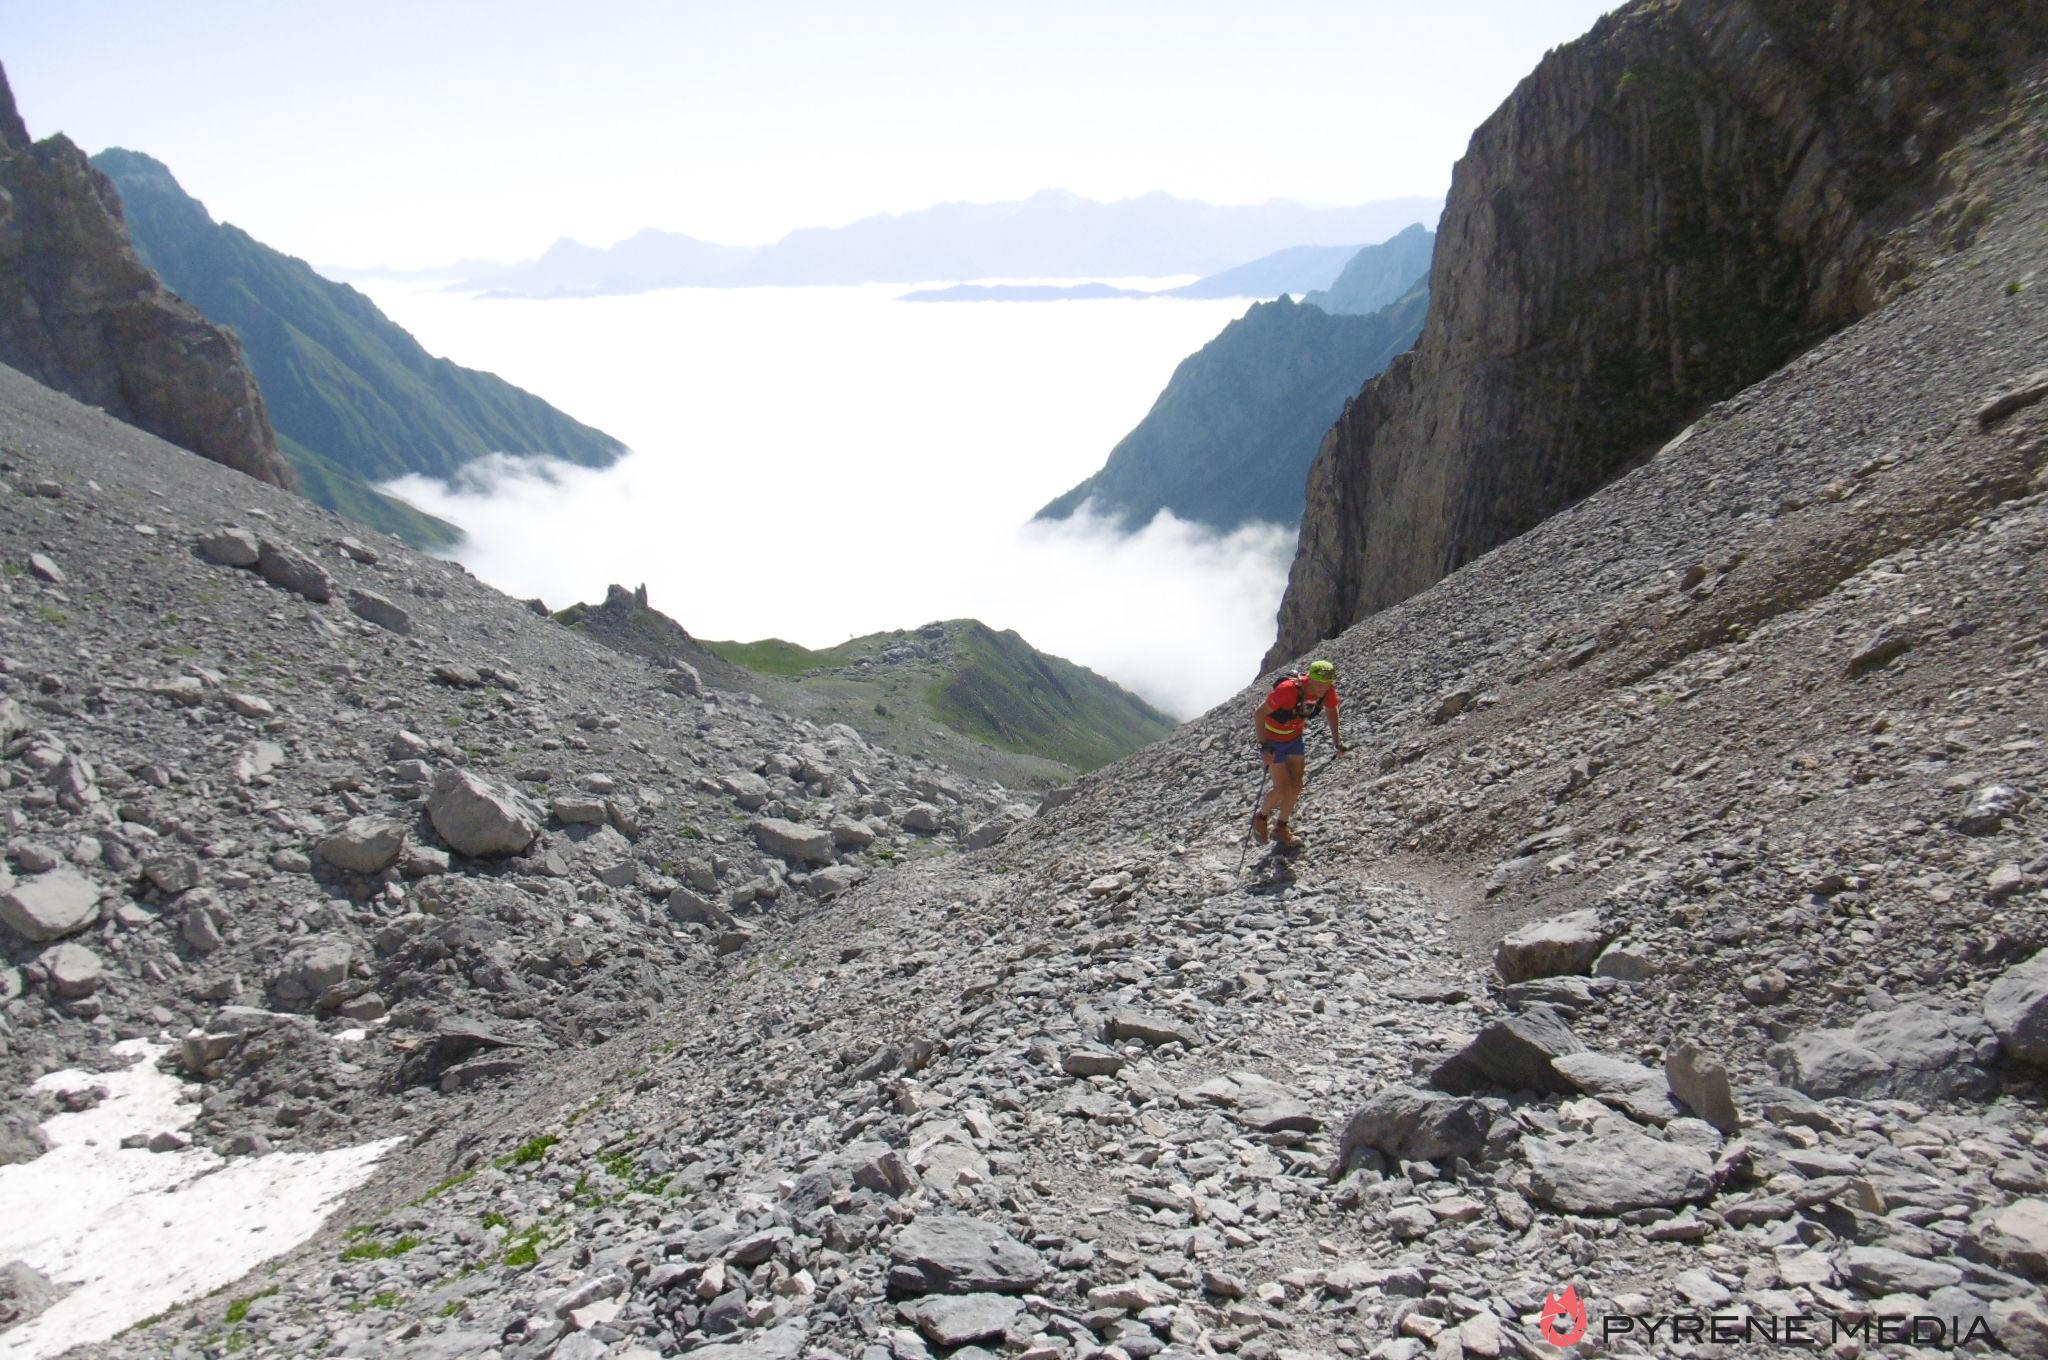 La Senda de Camille (104km/D+6.000m) De ruta en Pirineos, crónica personal por Alex y Raul.